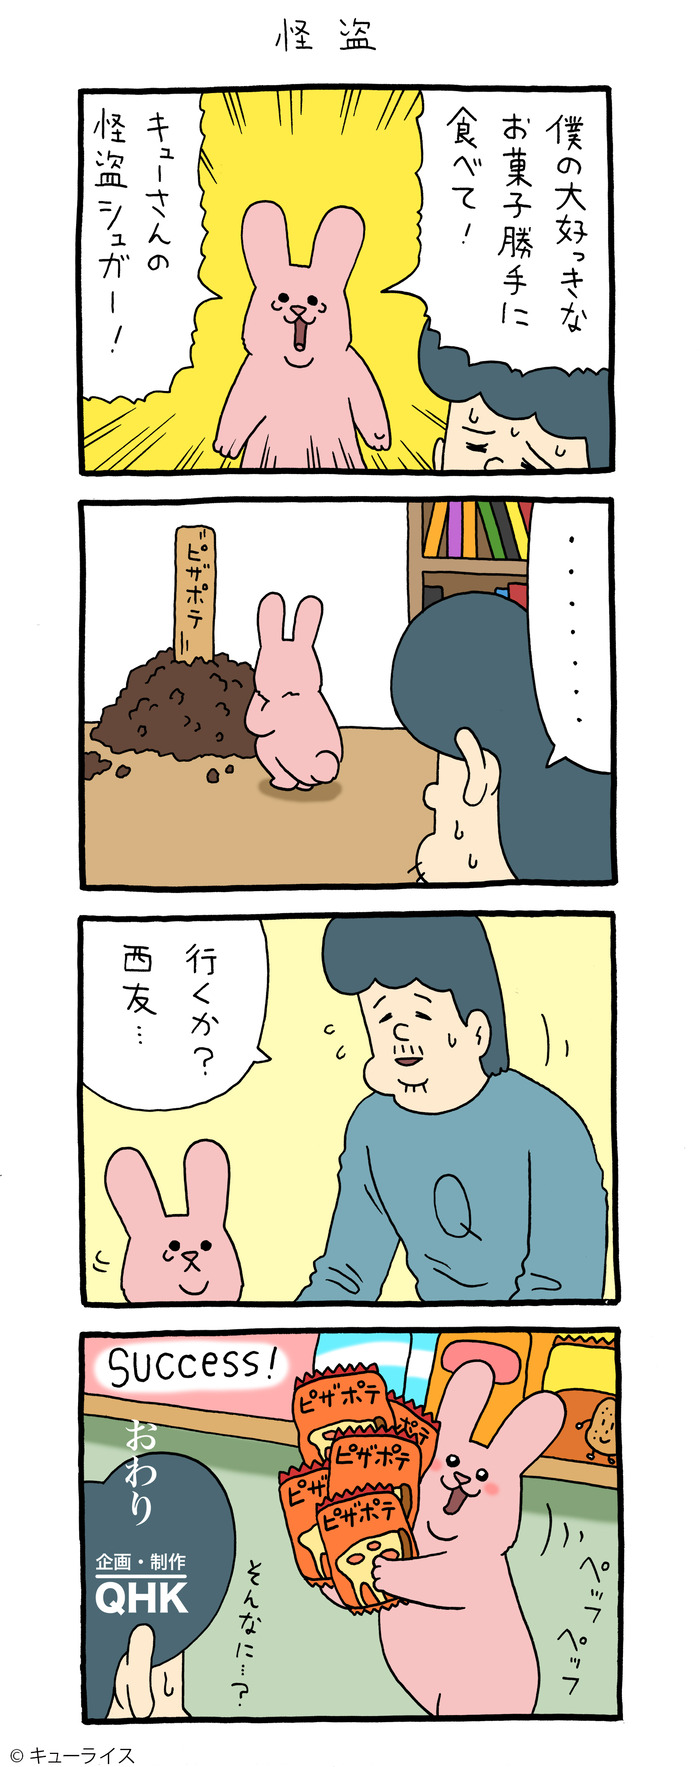 スキウサギ ピザポテ お菓子箱ー3 のコピー